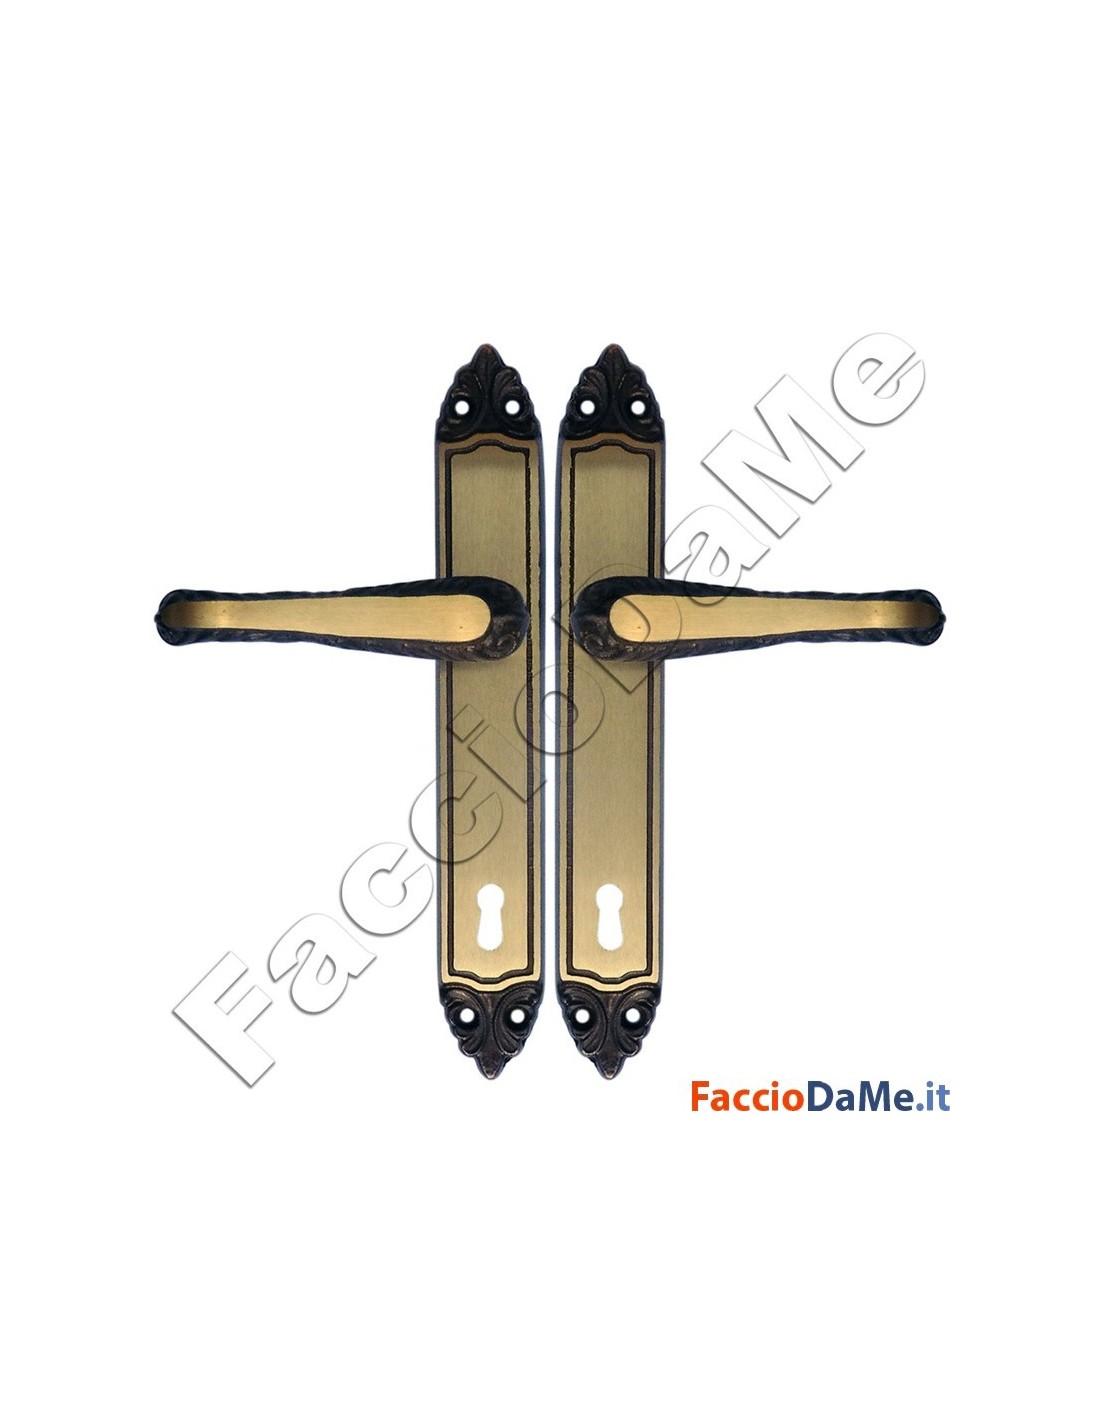 Maniglie cremonesi per porte e finestre serie erica in - Maniglie porte ottone ...